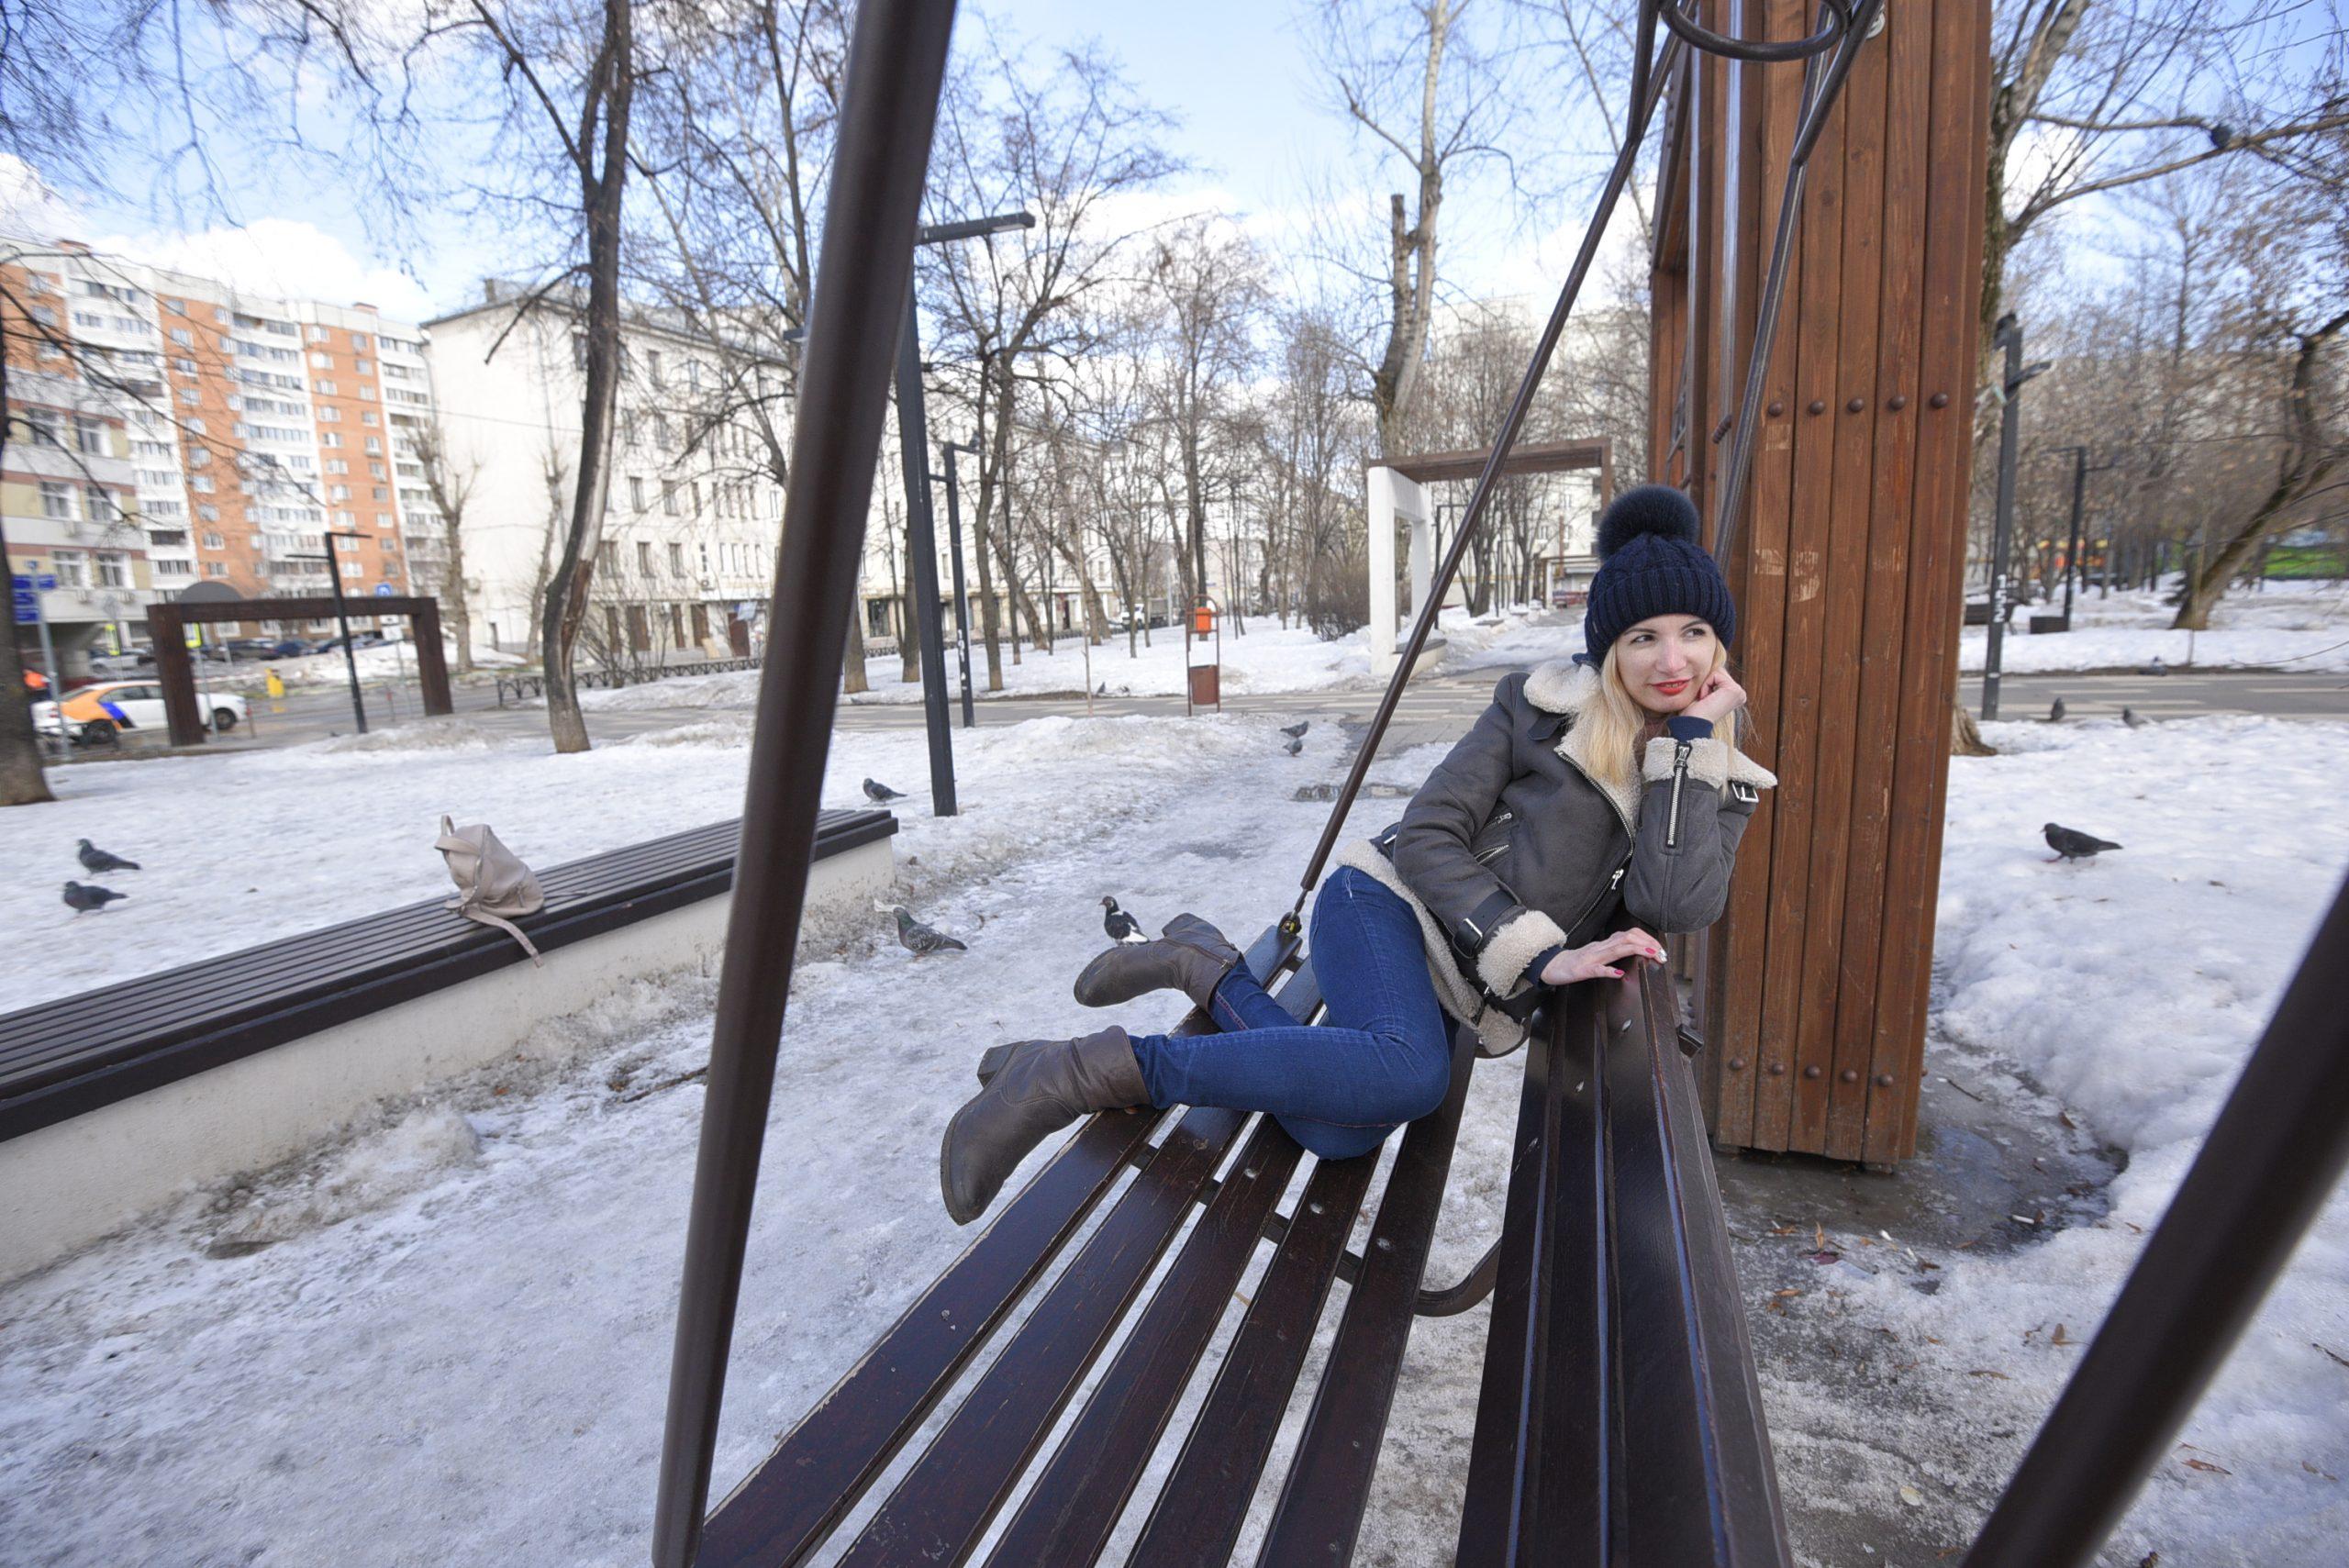 20 марта 2021 года. Москвичка Алина Гордиенко отдыхает в сквере на Хавской, рядом с Донским монастырем. Этим летом сквер реконструируют. Здесь появятся новые детская и спортплощадки, а также пешеходные дорожки, фонари, урны, скамейки, цветники и газоны Донского сквера.